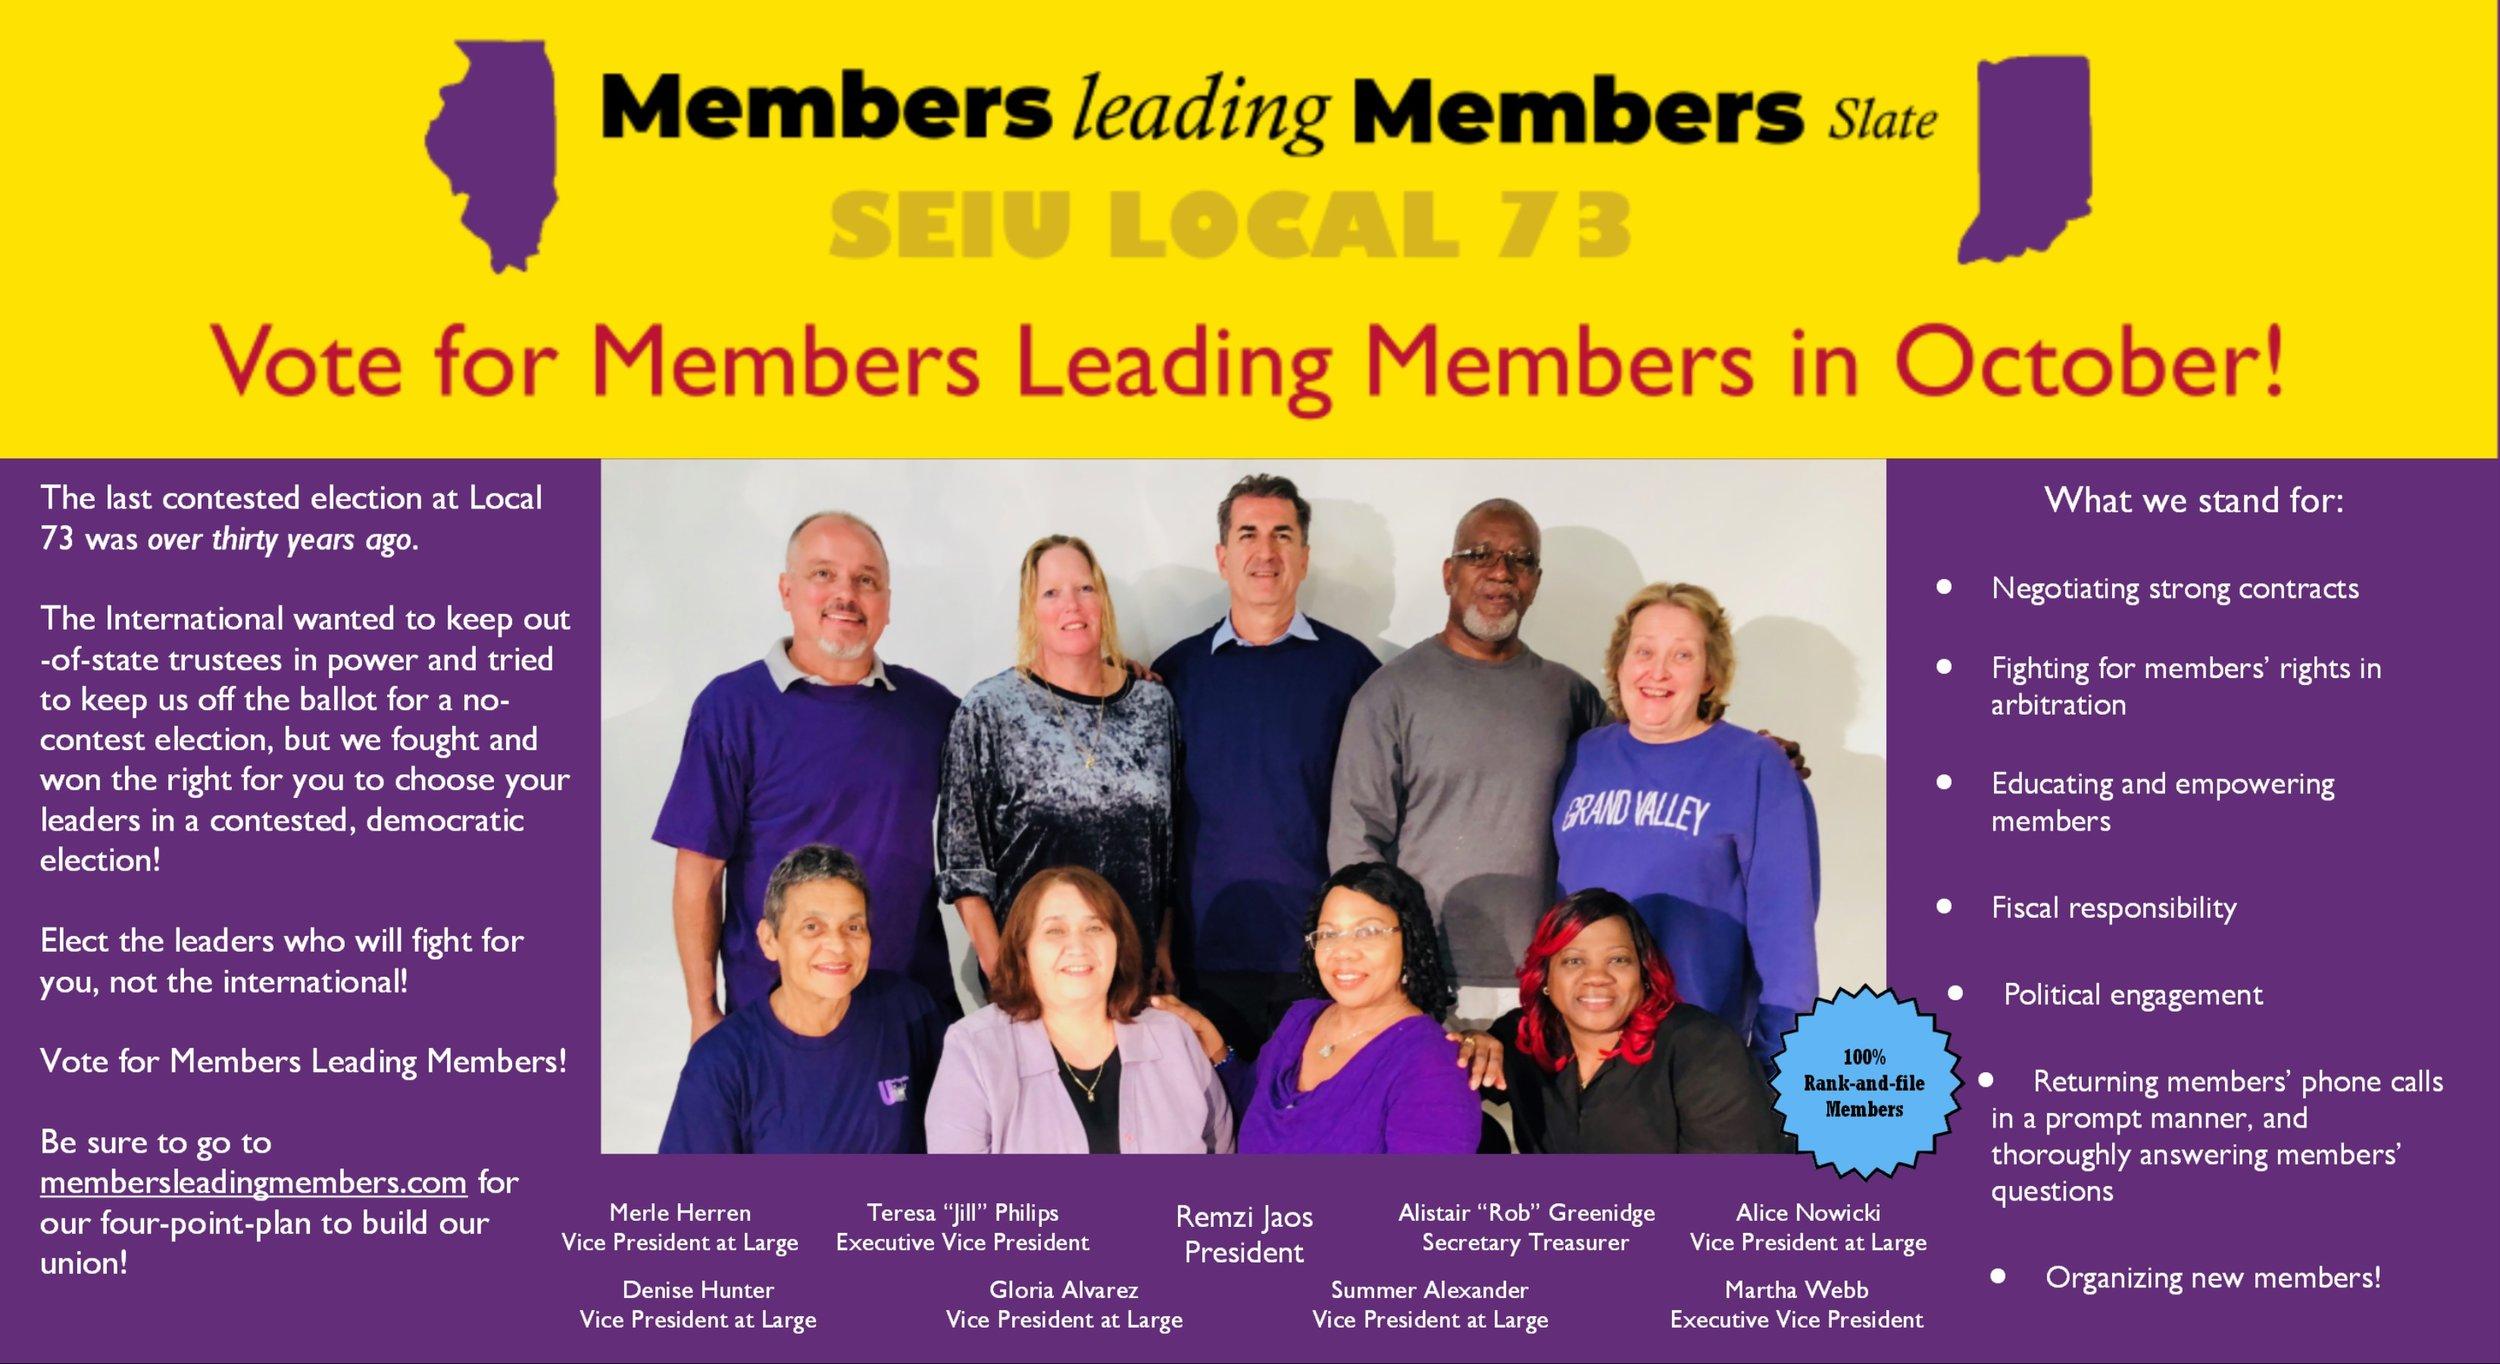 Members Leading Members Mail 09-26-18 (1).jpg